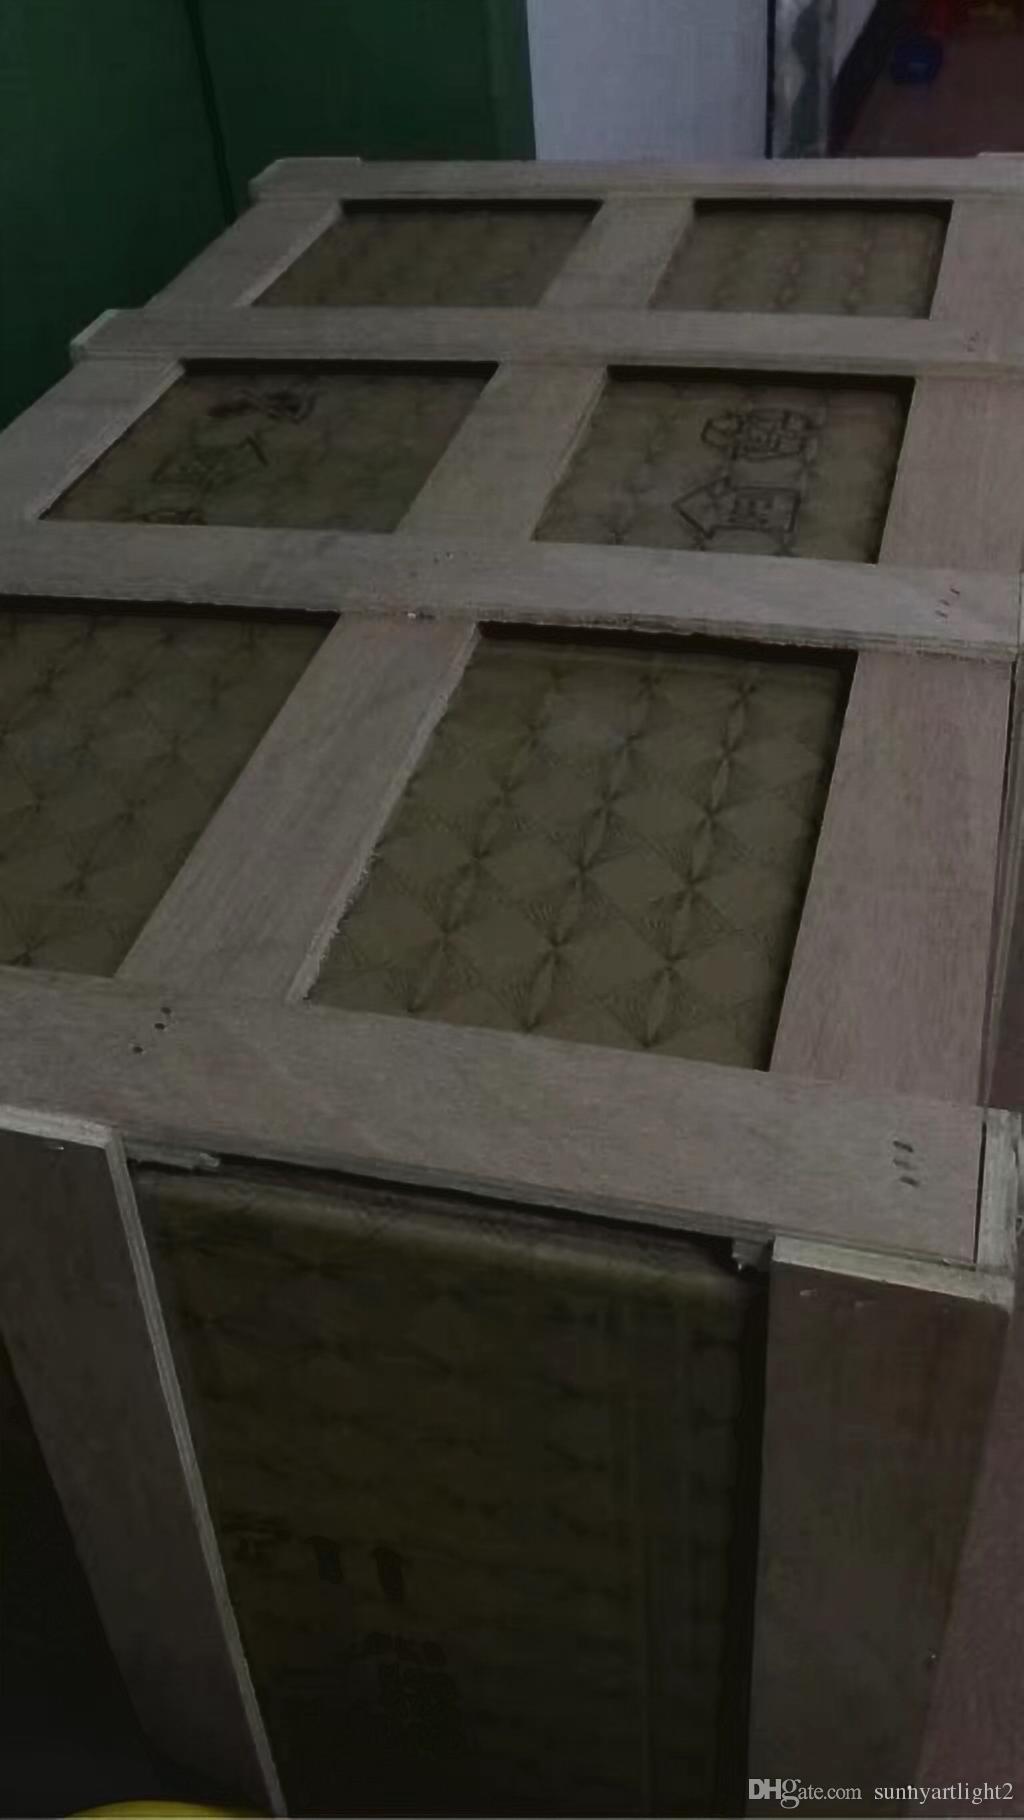 100% soprado Borosilicate moderna iluminação de teto de bolha interior Chihully decorativa Estilo Murano Vidro de suspensão Chandelier